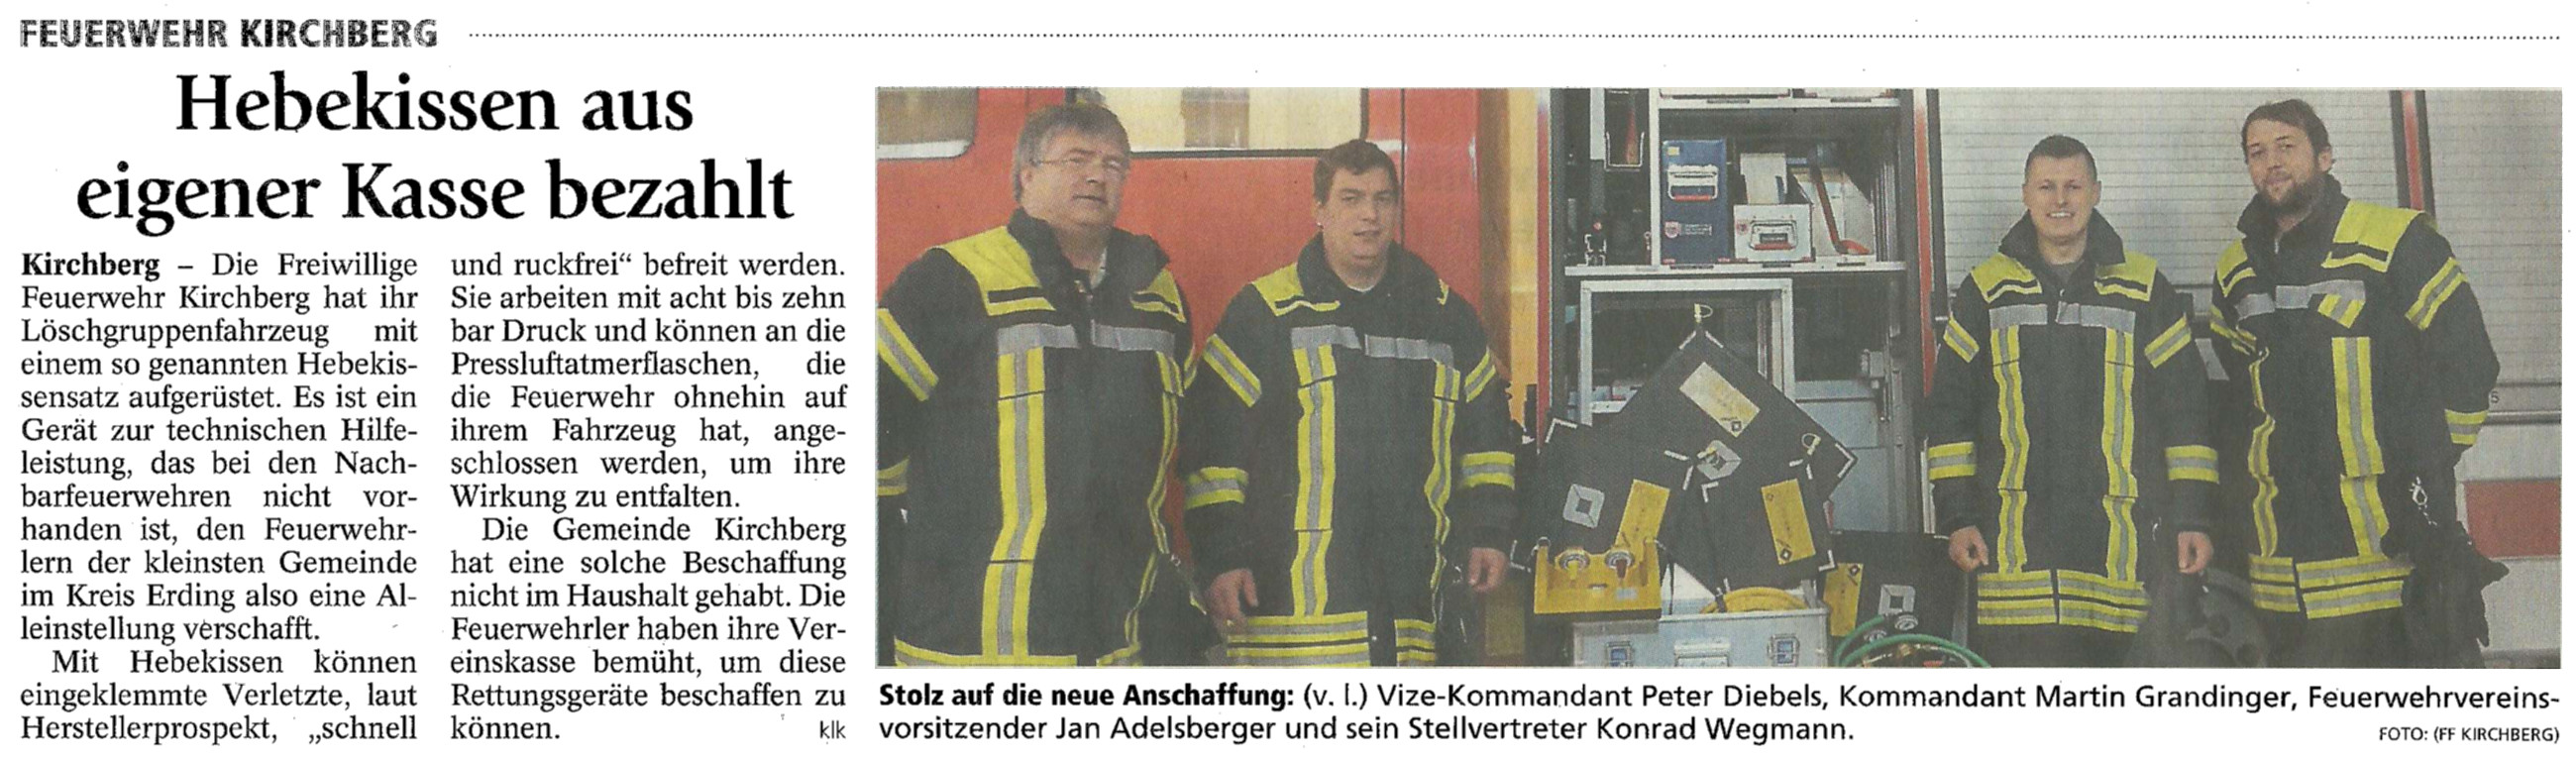 2015_12_30-Pressemeldung_Hebekissen